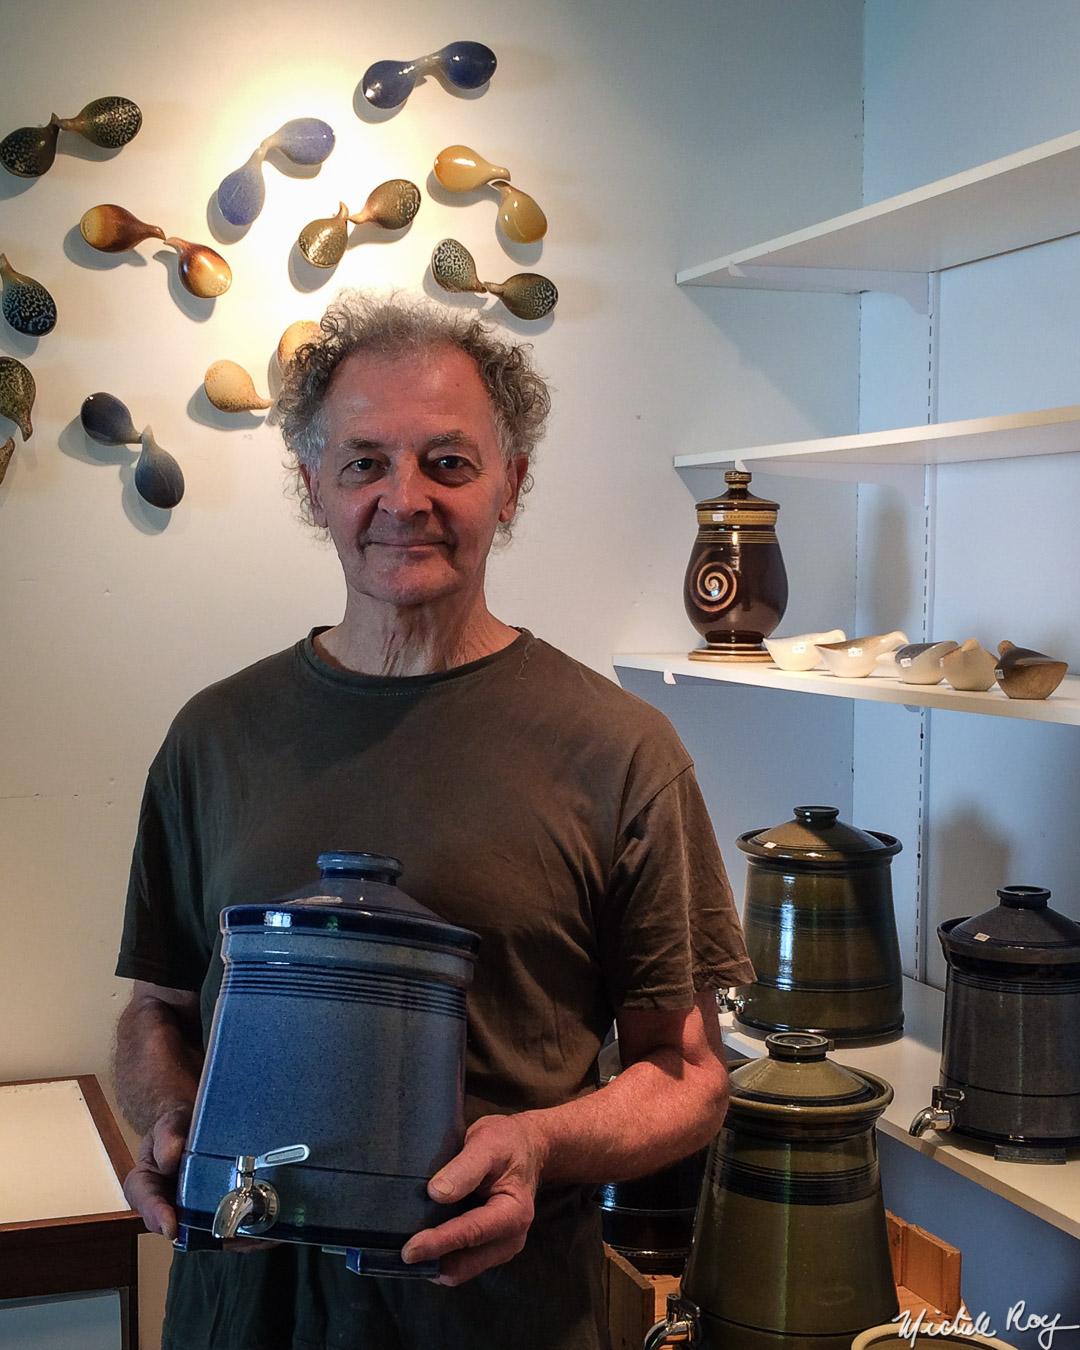 Jako Boulanger (Artiste potier / Pottery artist)